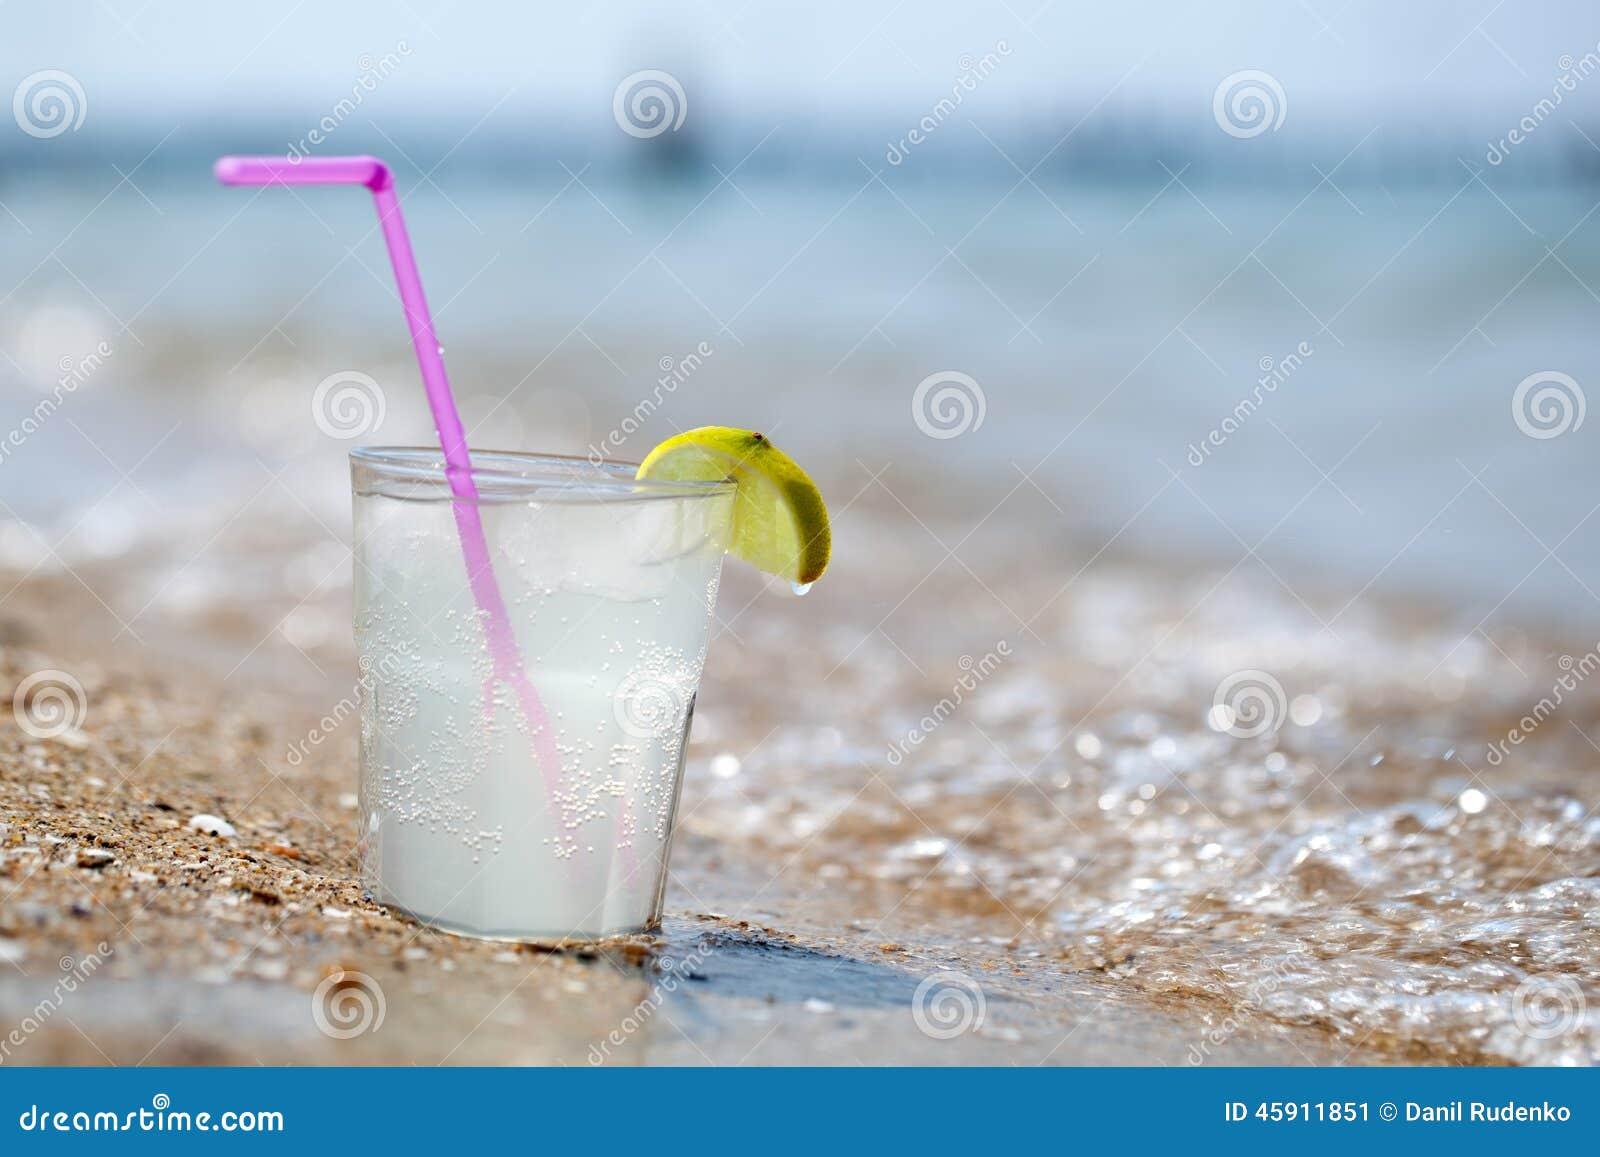 verre de limonade ou d 39 eau sur la plage par la mer image stock image du fruit glace 45911851. Black Bedroom Furniture Sets. Home Design Ideas